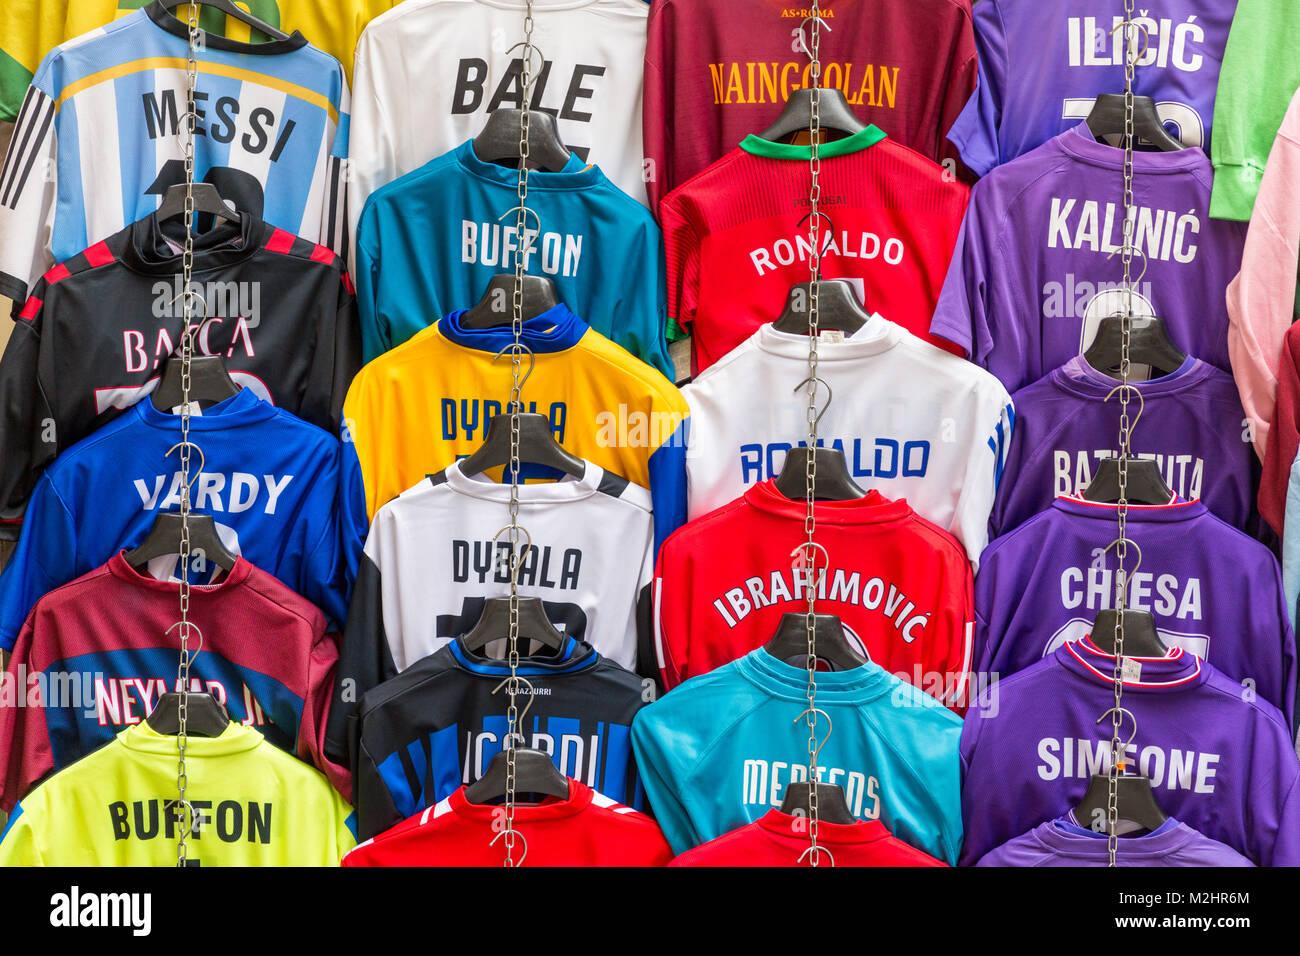 753b49a88b7d7 Camisetas de fútbol con nombres de jugadores de fútbol para la venta en  Ventas cala